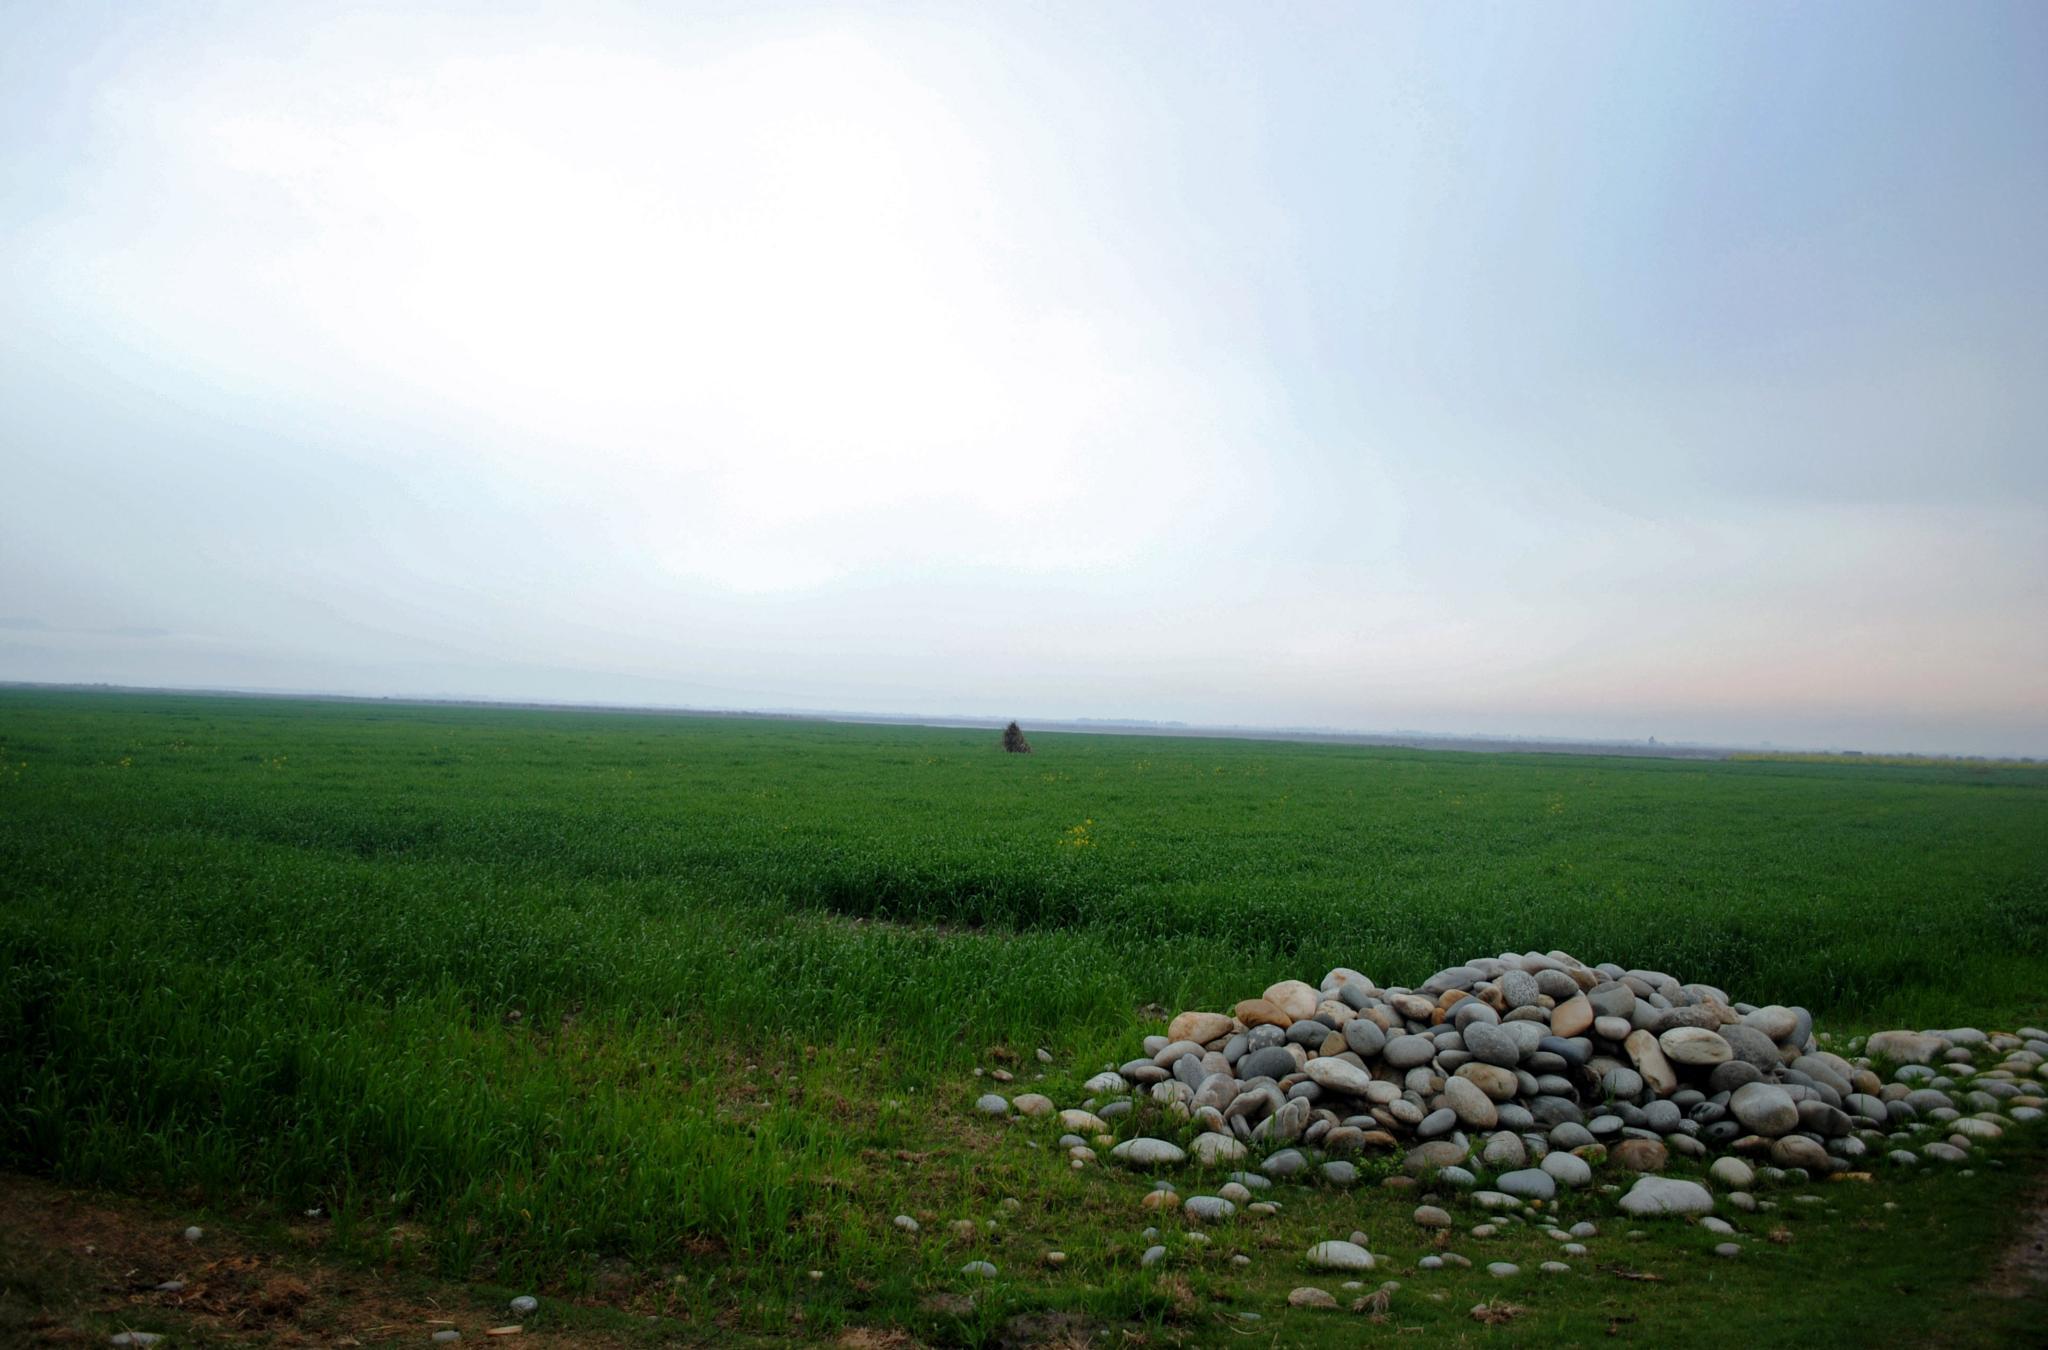 Green Field by ibrahim mahmood